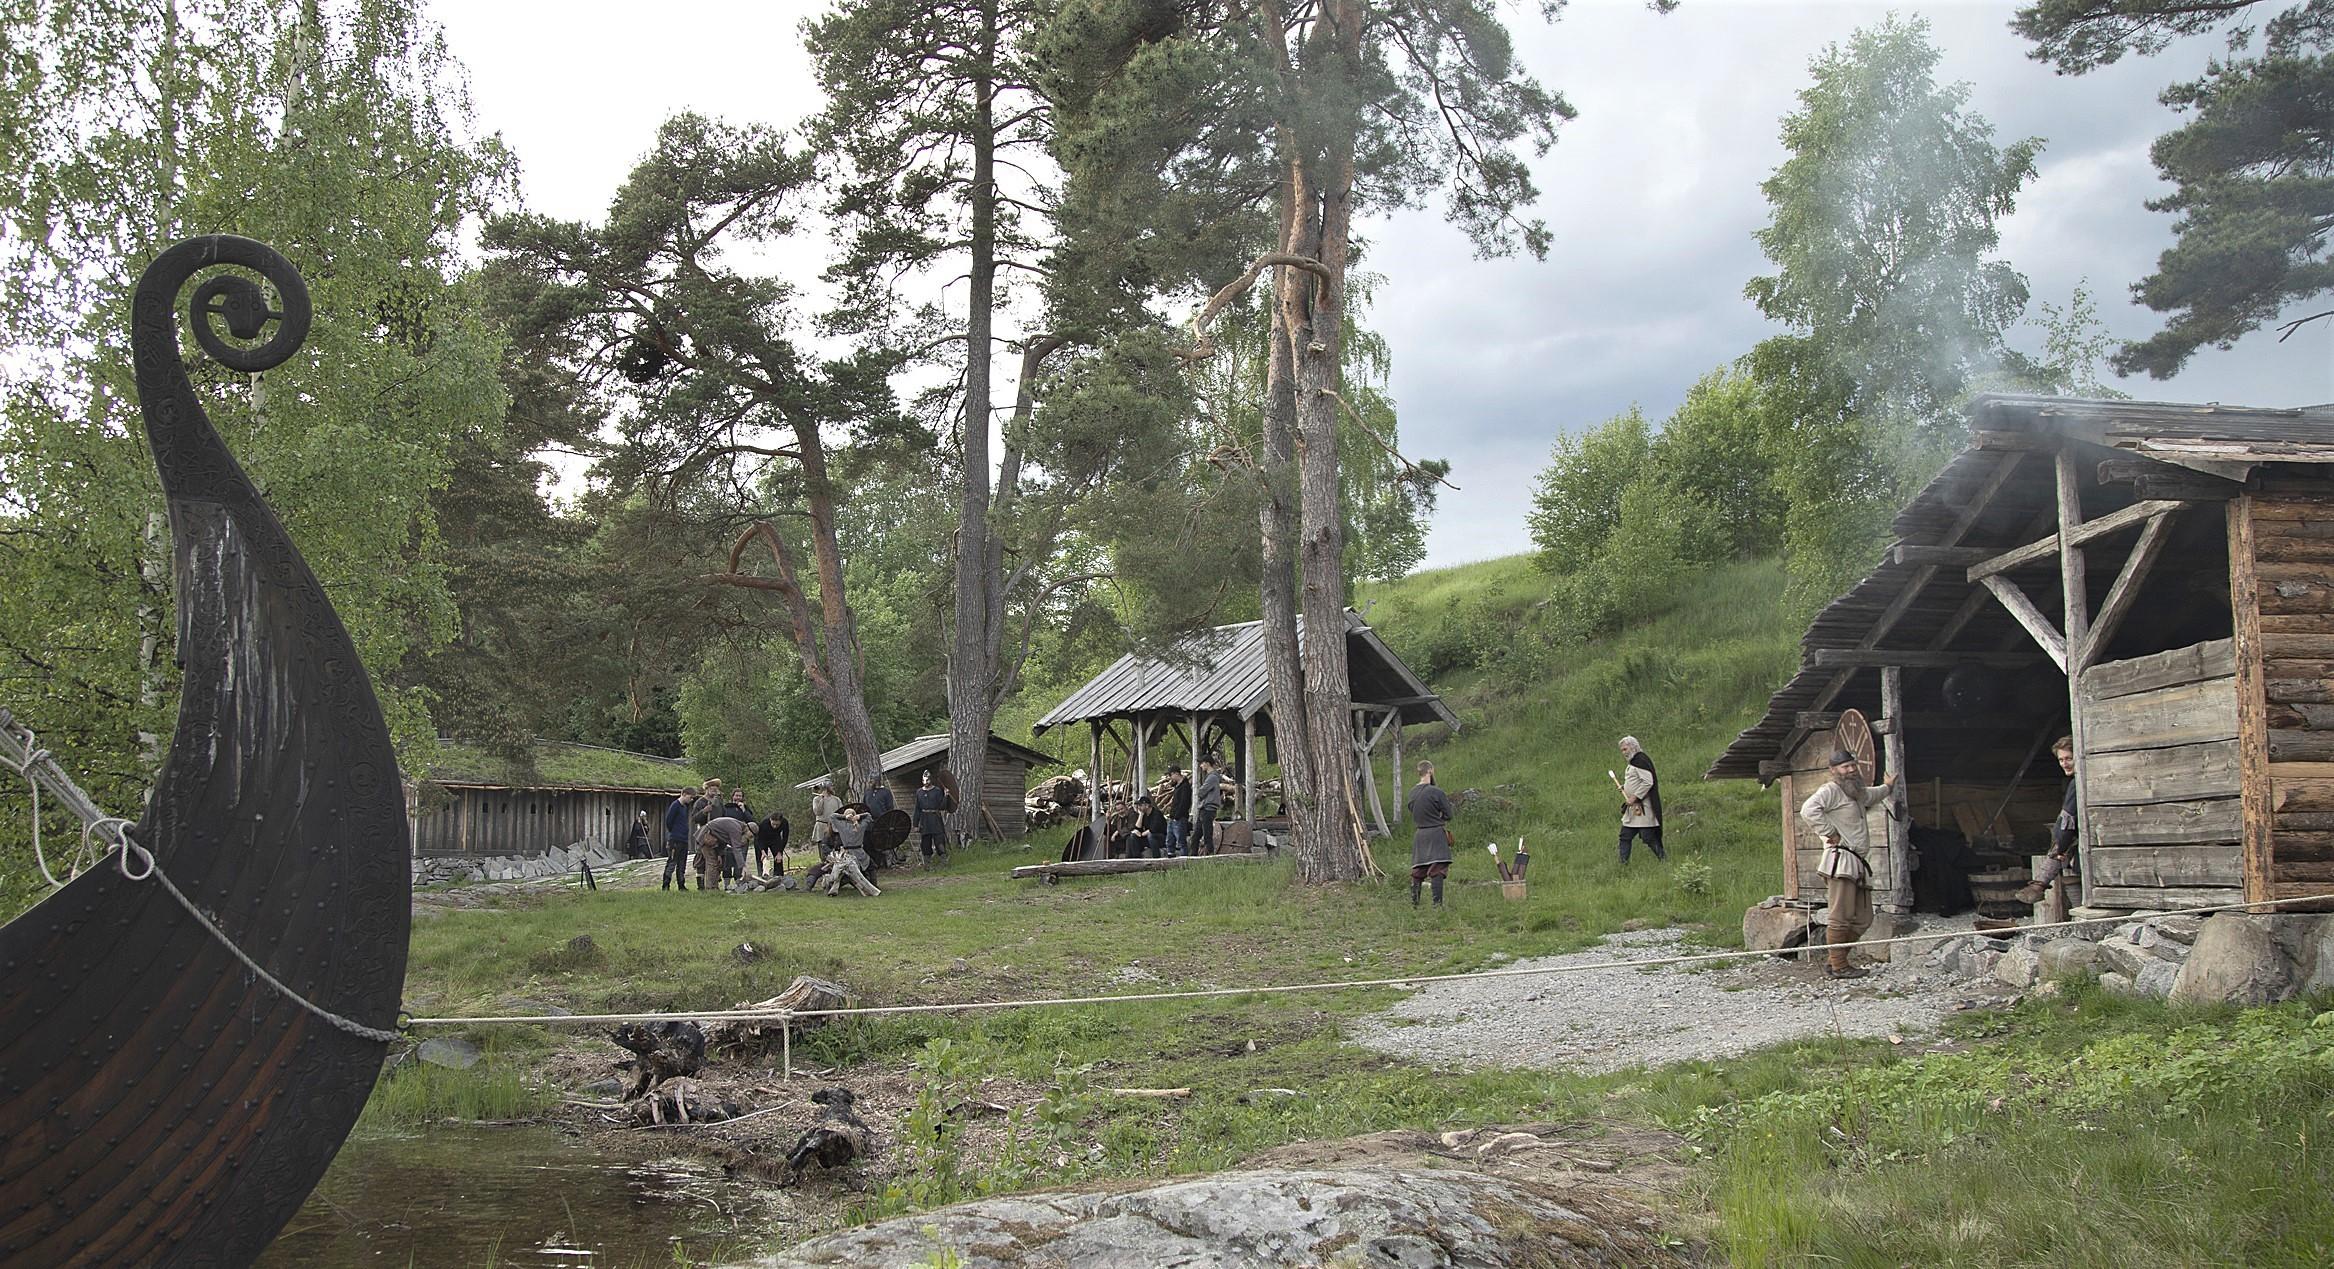 EIGE TUN: Olavs menn reist eit vikingtun på Akkerhaugen. Her tar dei imot skuleklasser og ulike grupper. Det blir halde turar med vikingskipet «Åsa» og drive vikingaktivitetar på land. Foto: Olavs menn